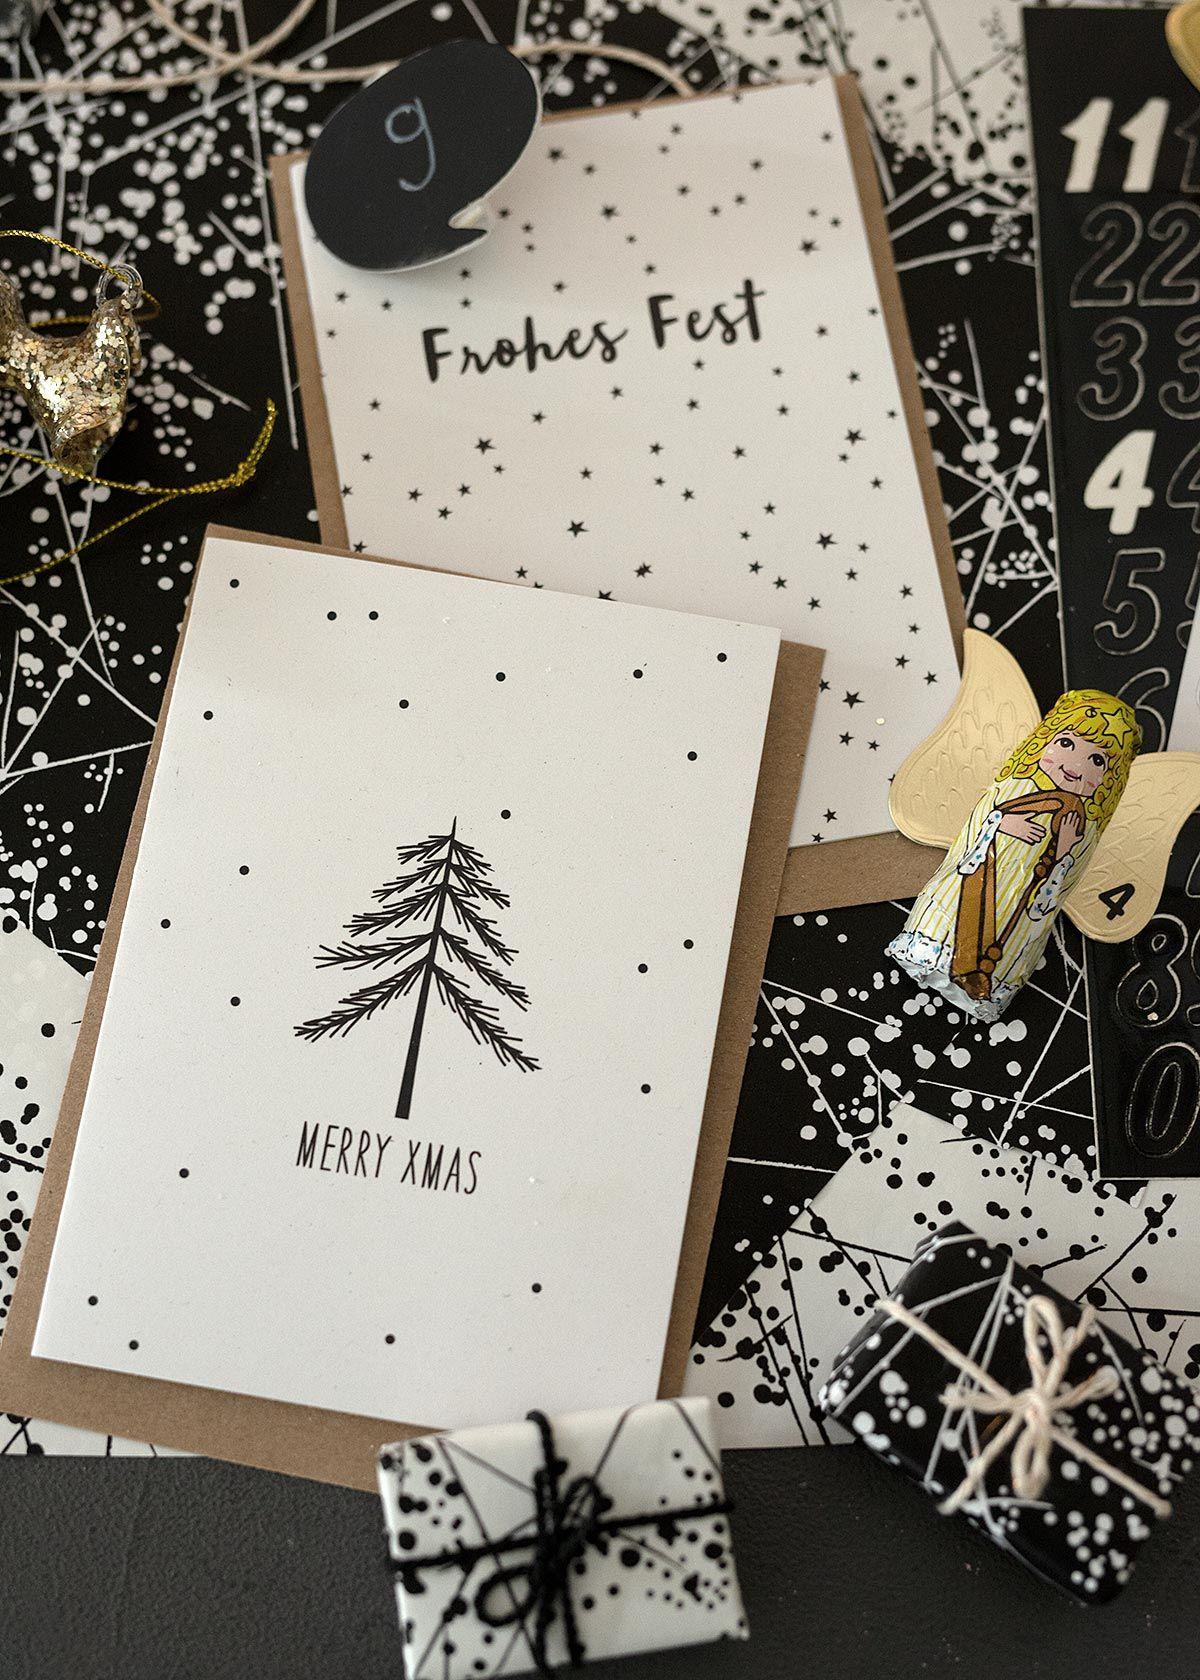 Adventskalender im winterlichen Baumregal - Wunderschön gemacht